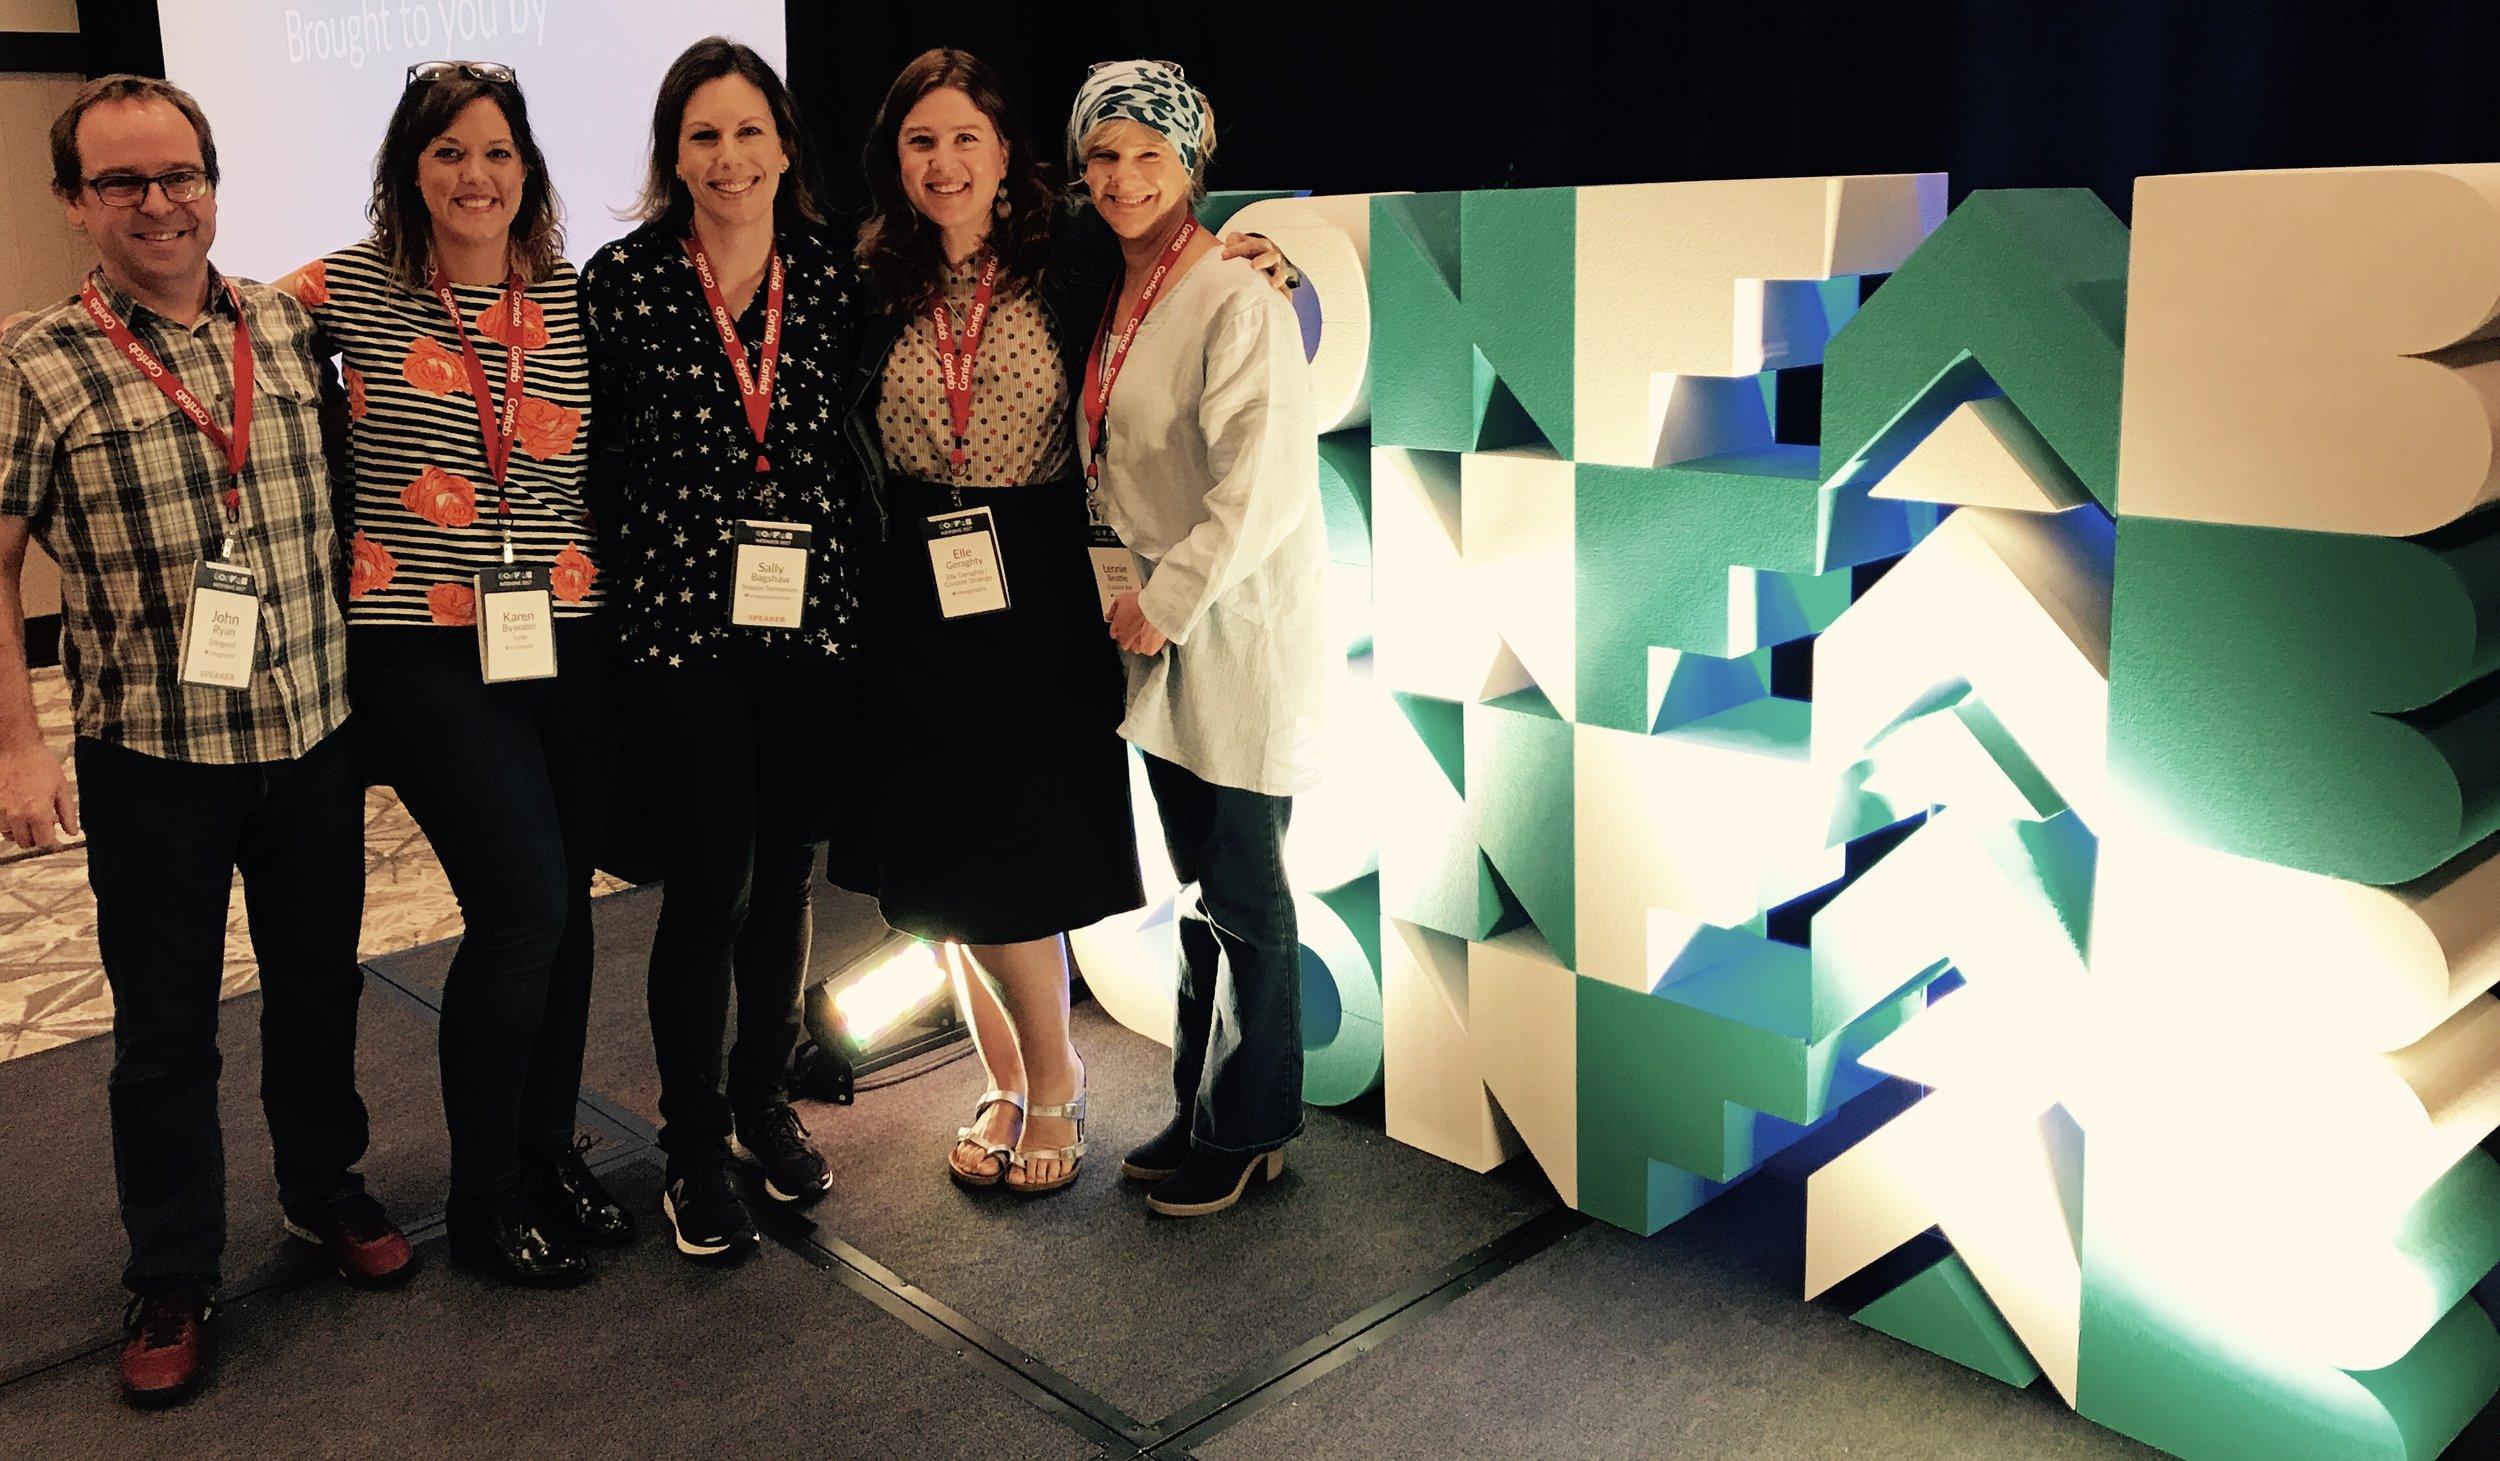 The Australians - John, Karen, Sally, Elle and Lenni